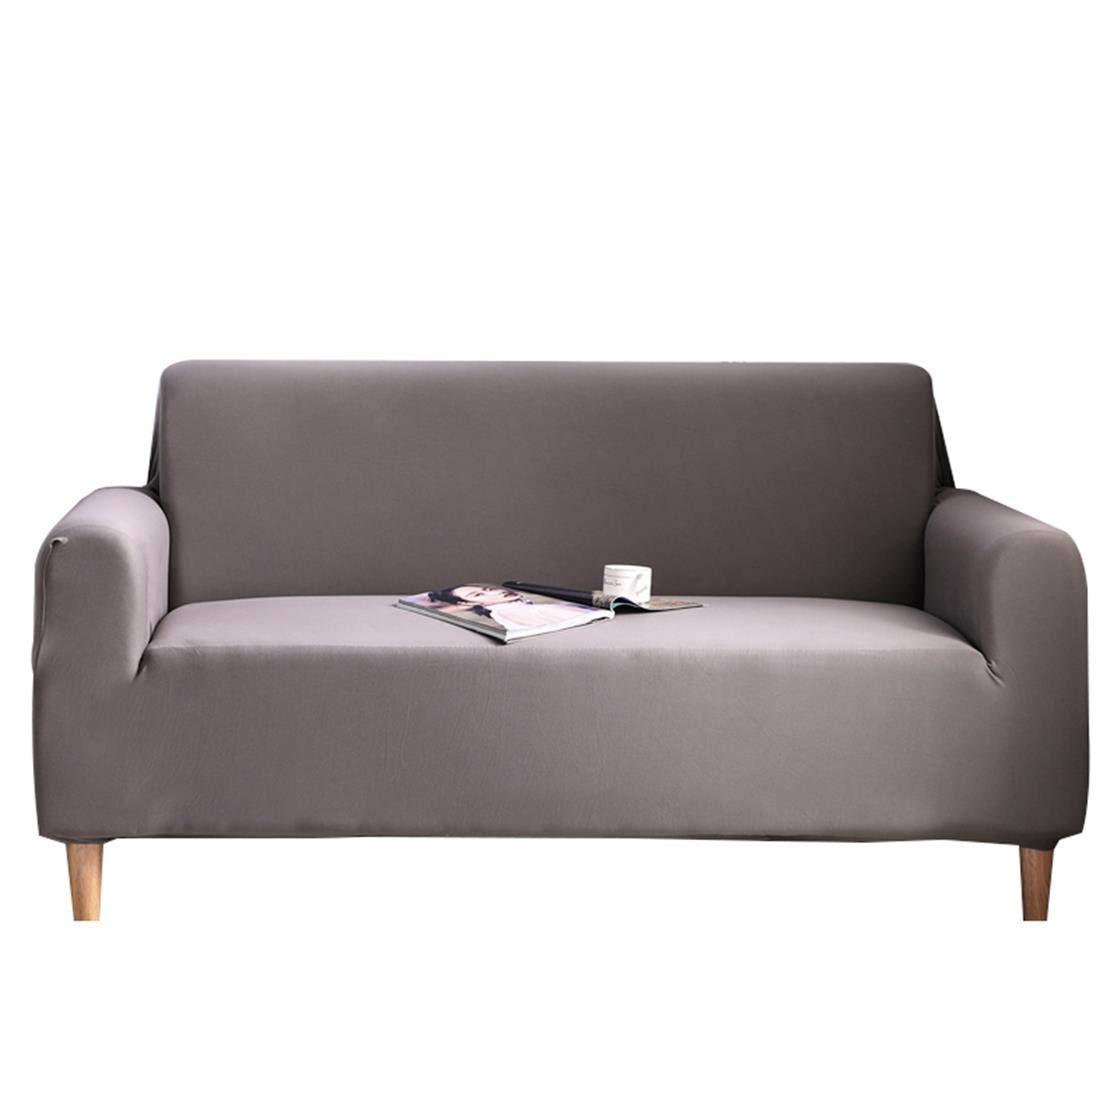 TXVSO Home Sofá Funda de Color sólido Cubierta de Tejido elástico Fácil Ajuste elástico Protector de sofá Lavable, Anti-ácaros y Antiarrugas (3 ...